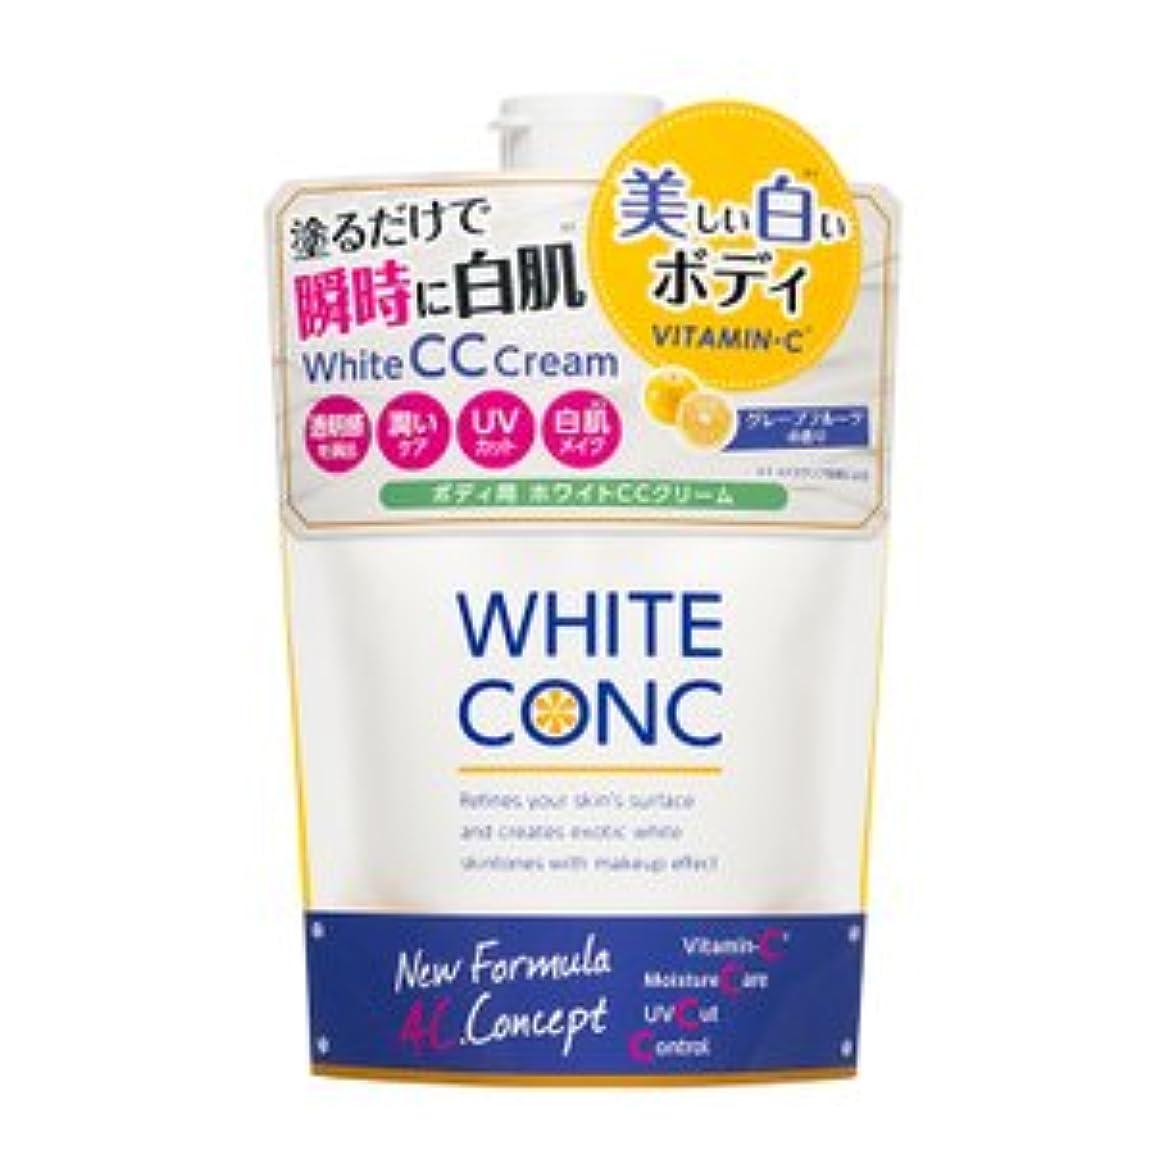 メニューアークパンダ薬用ホワイトコンクホワイトCCクリーム 200g